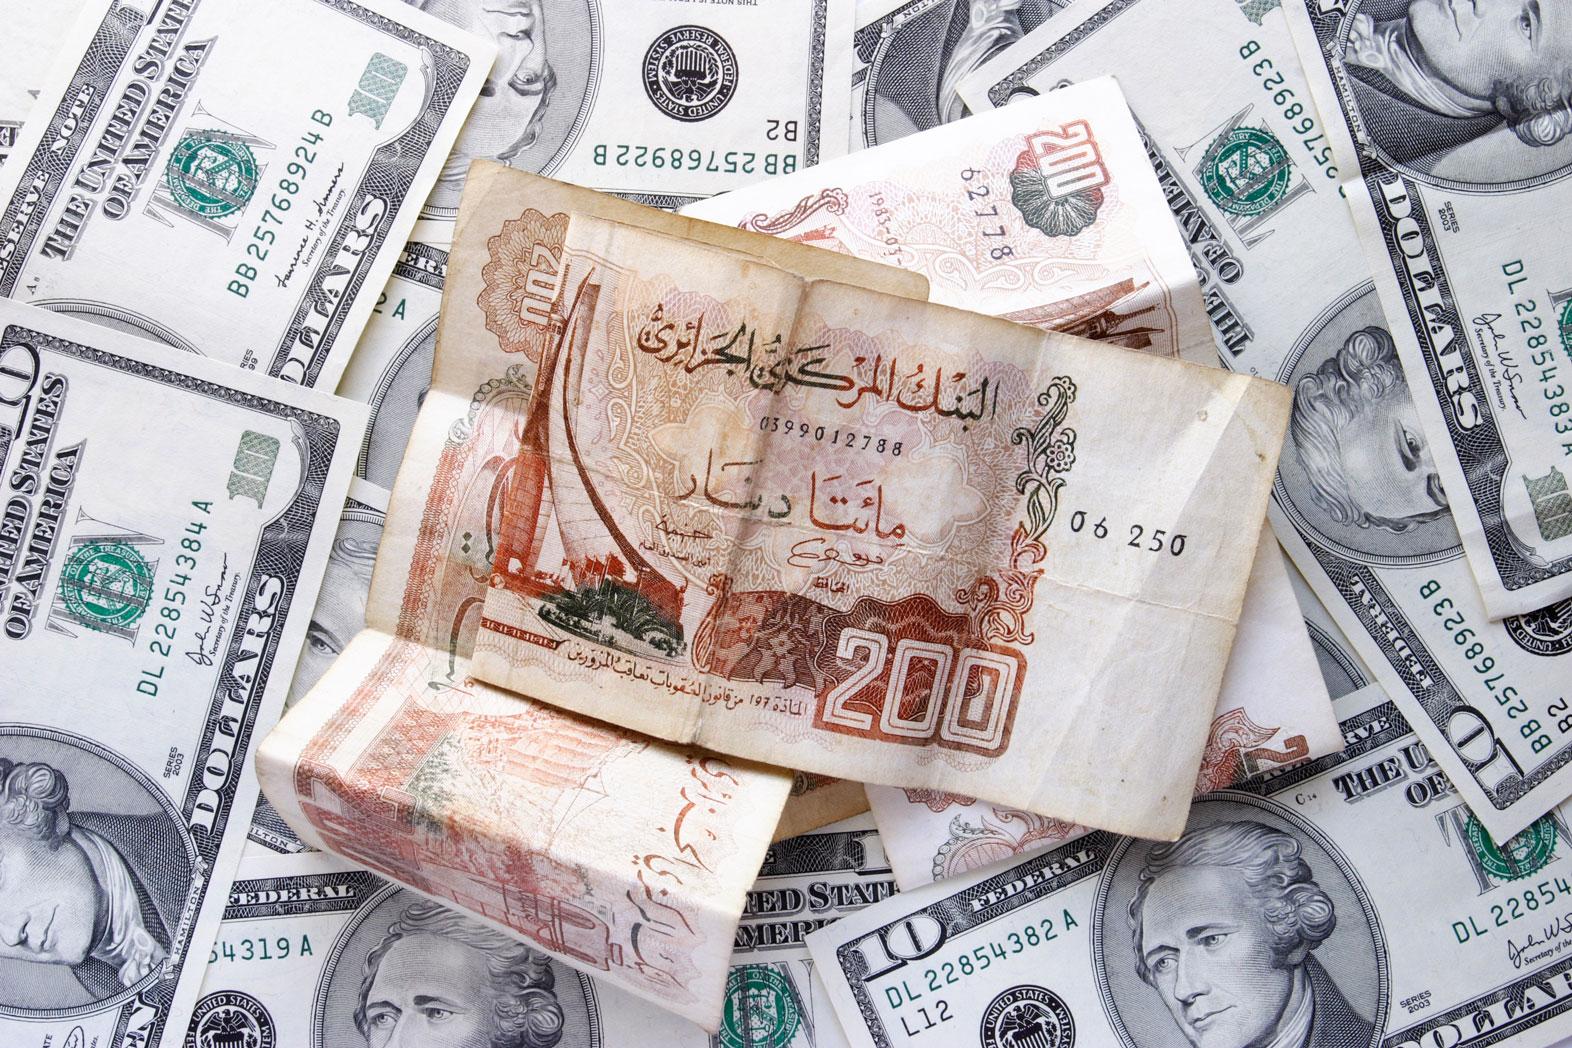 Redéployer l'économie: Réformes aujourd'hui ou FMI demain